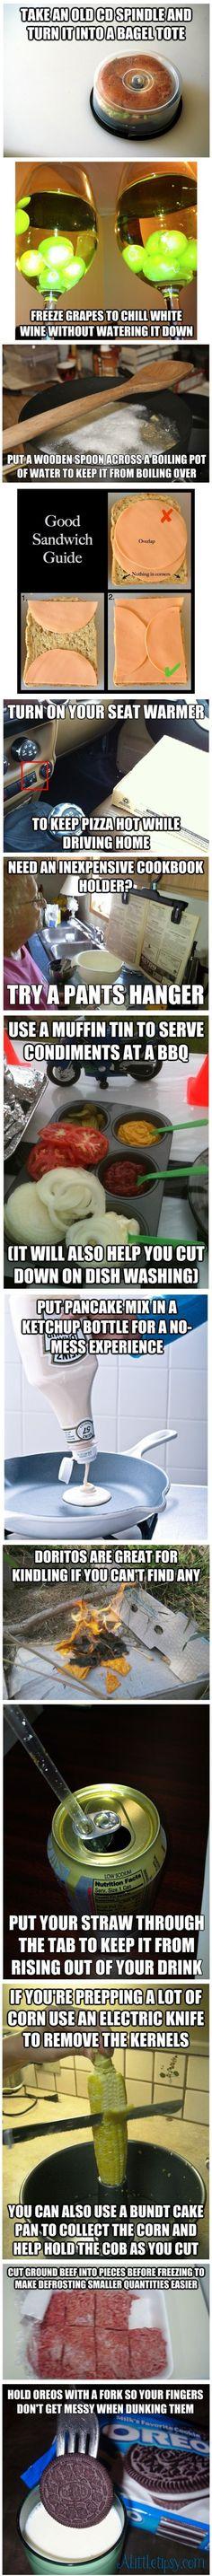 Helpful Food Tips